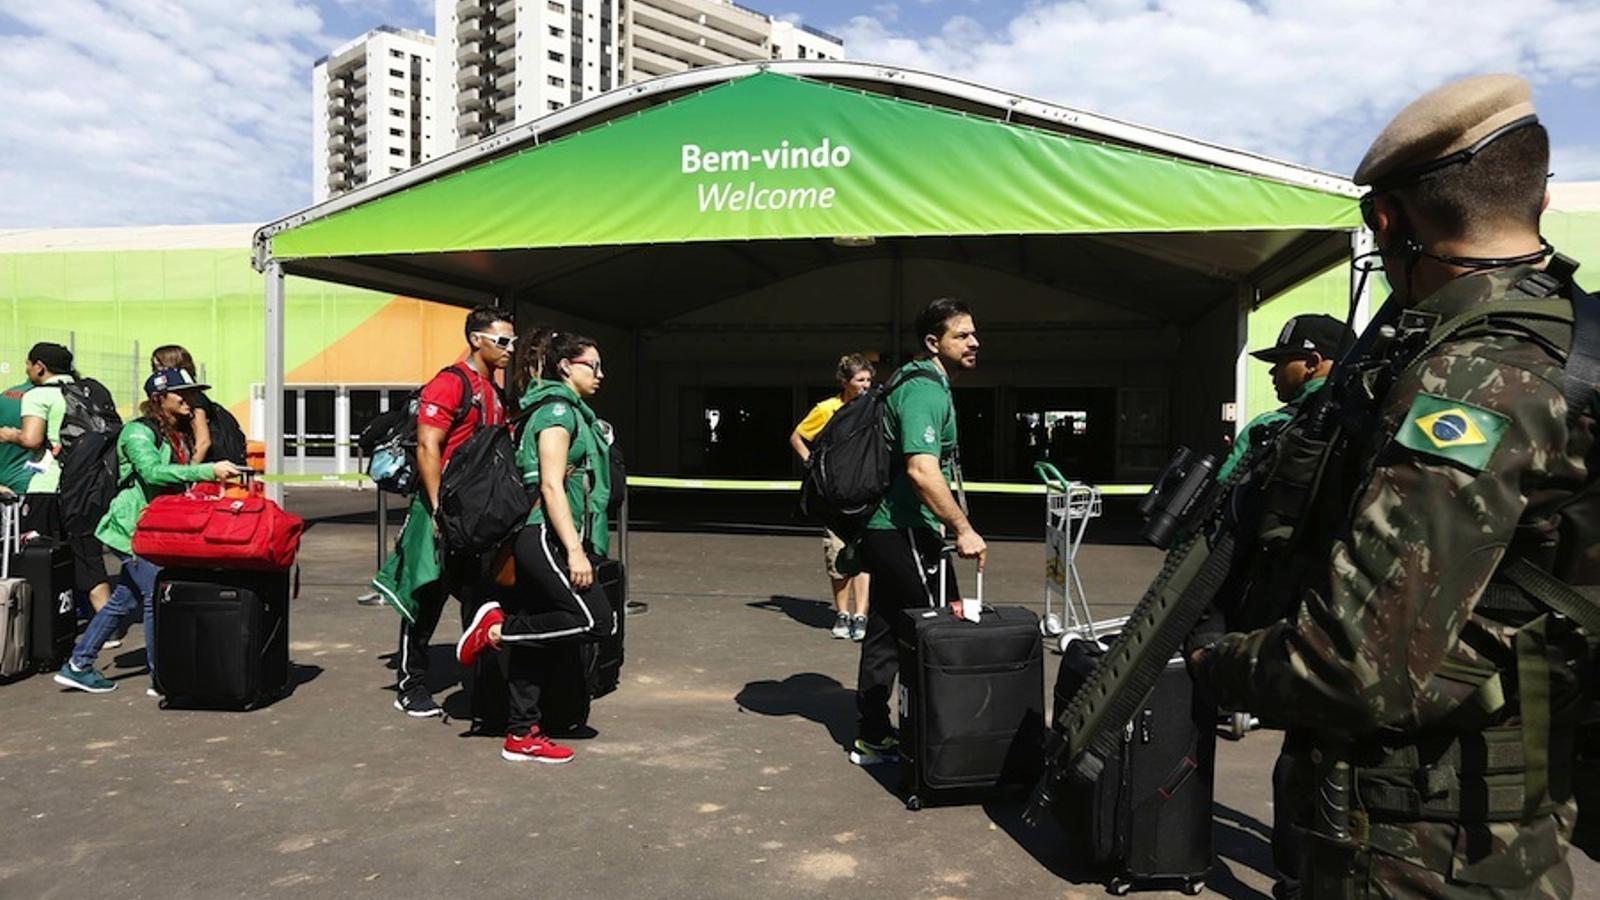 Dos policies vigilen l'arribada d'esportistes mexicans a la Vila Olímpica